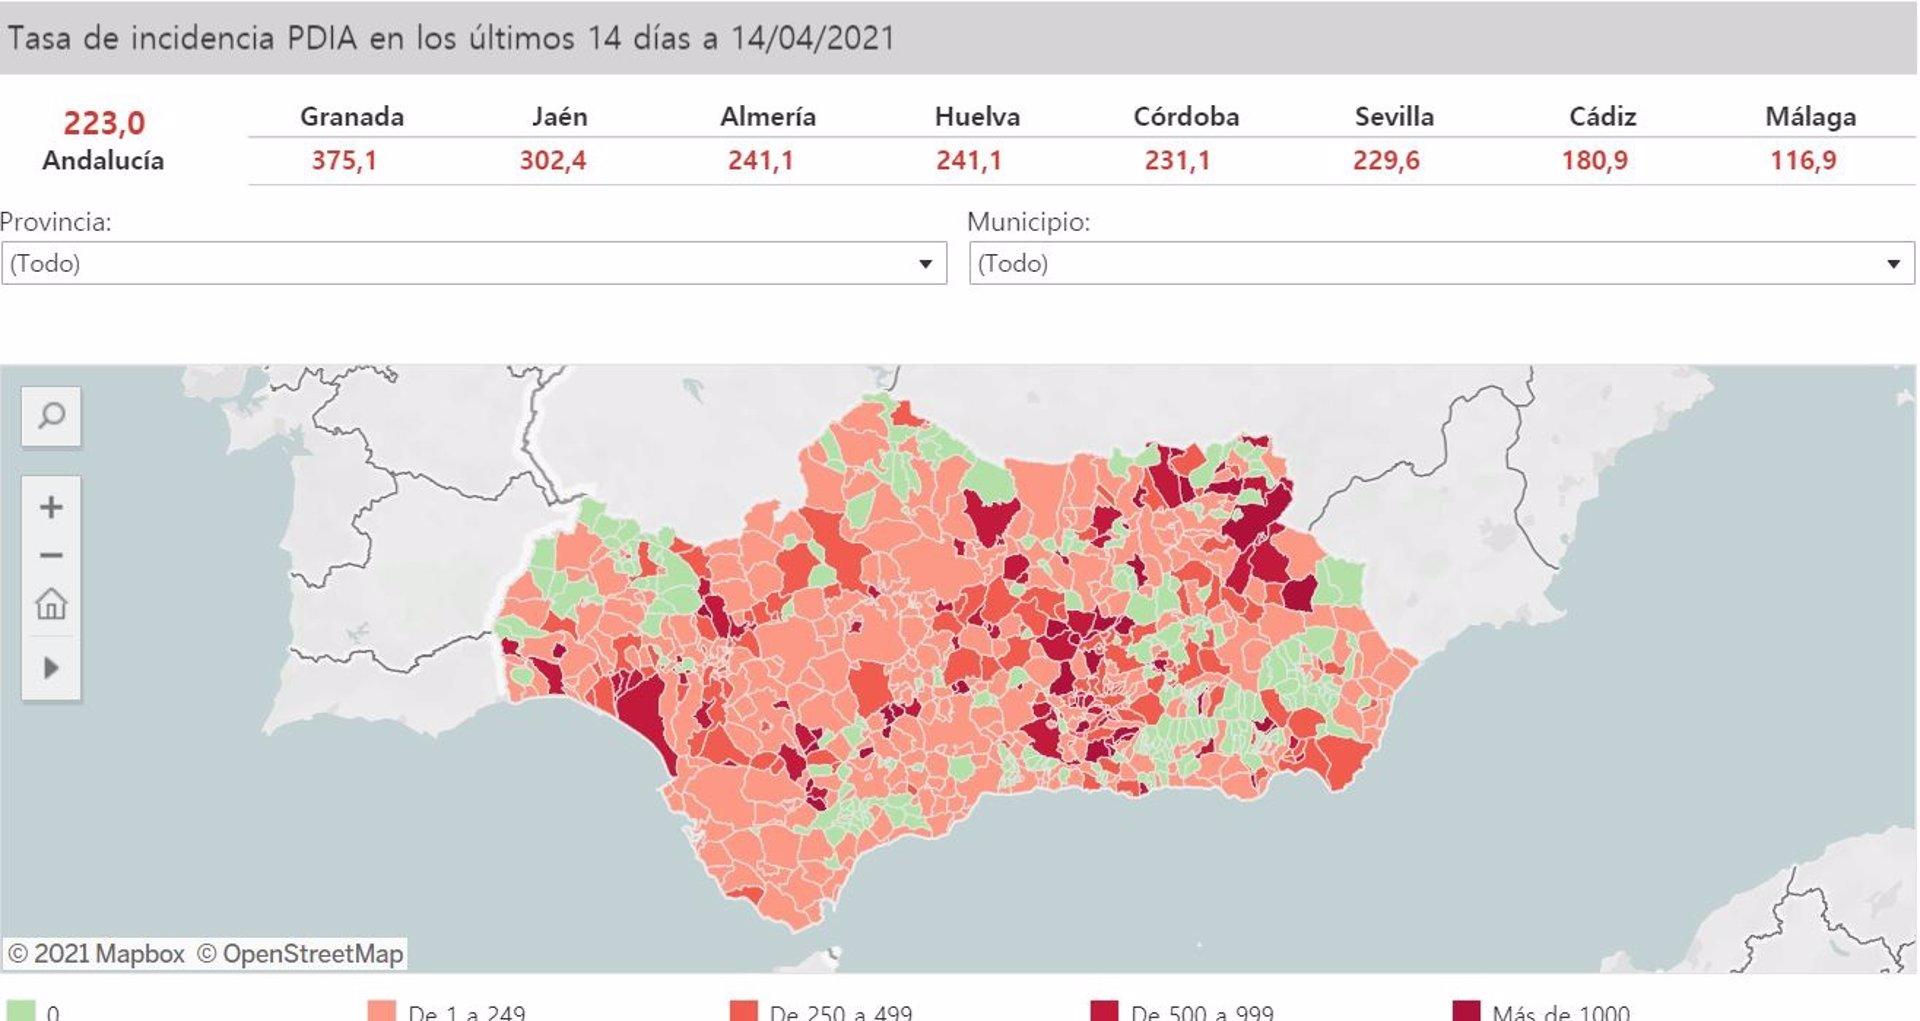 29 localidades de Granada presentan datos para limitar la movilidad a 24 horas de anunciar las restricciones